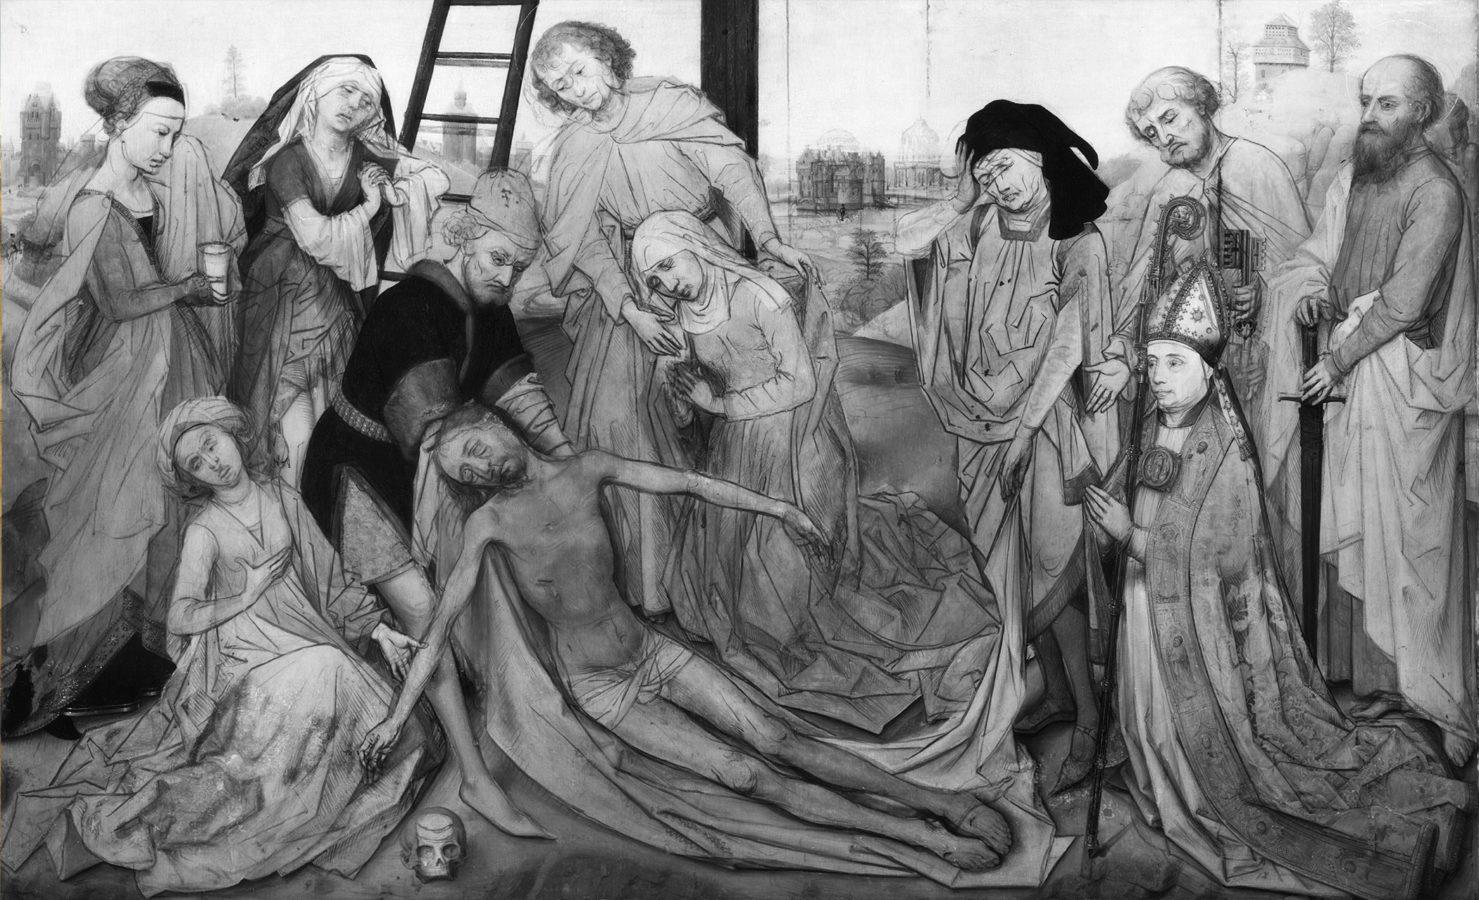 Preparatory underdrawing. Rogier van der Weyden, Lamentation of Christ, 1460-1464, Mauritshuis, rogier van der weyden restored